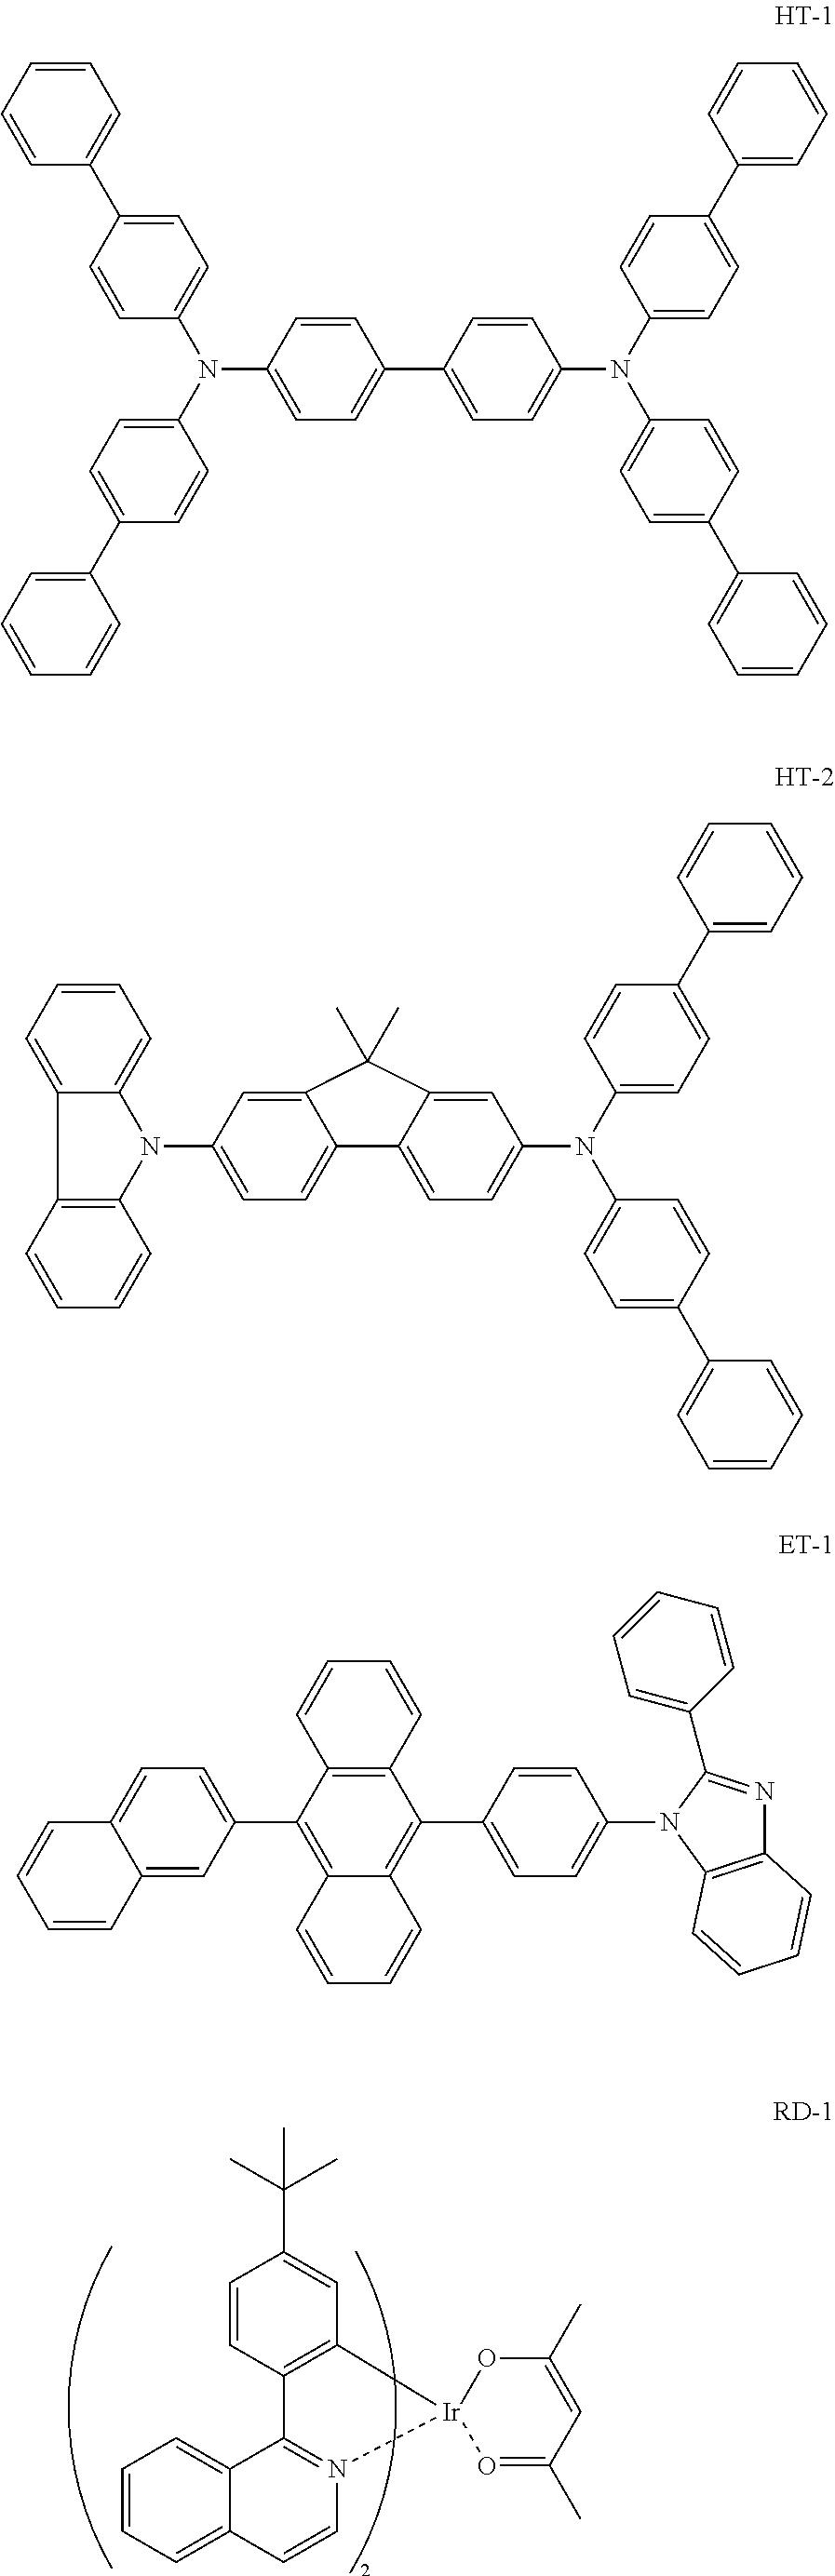 Figure US09837615-20171205-C00153